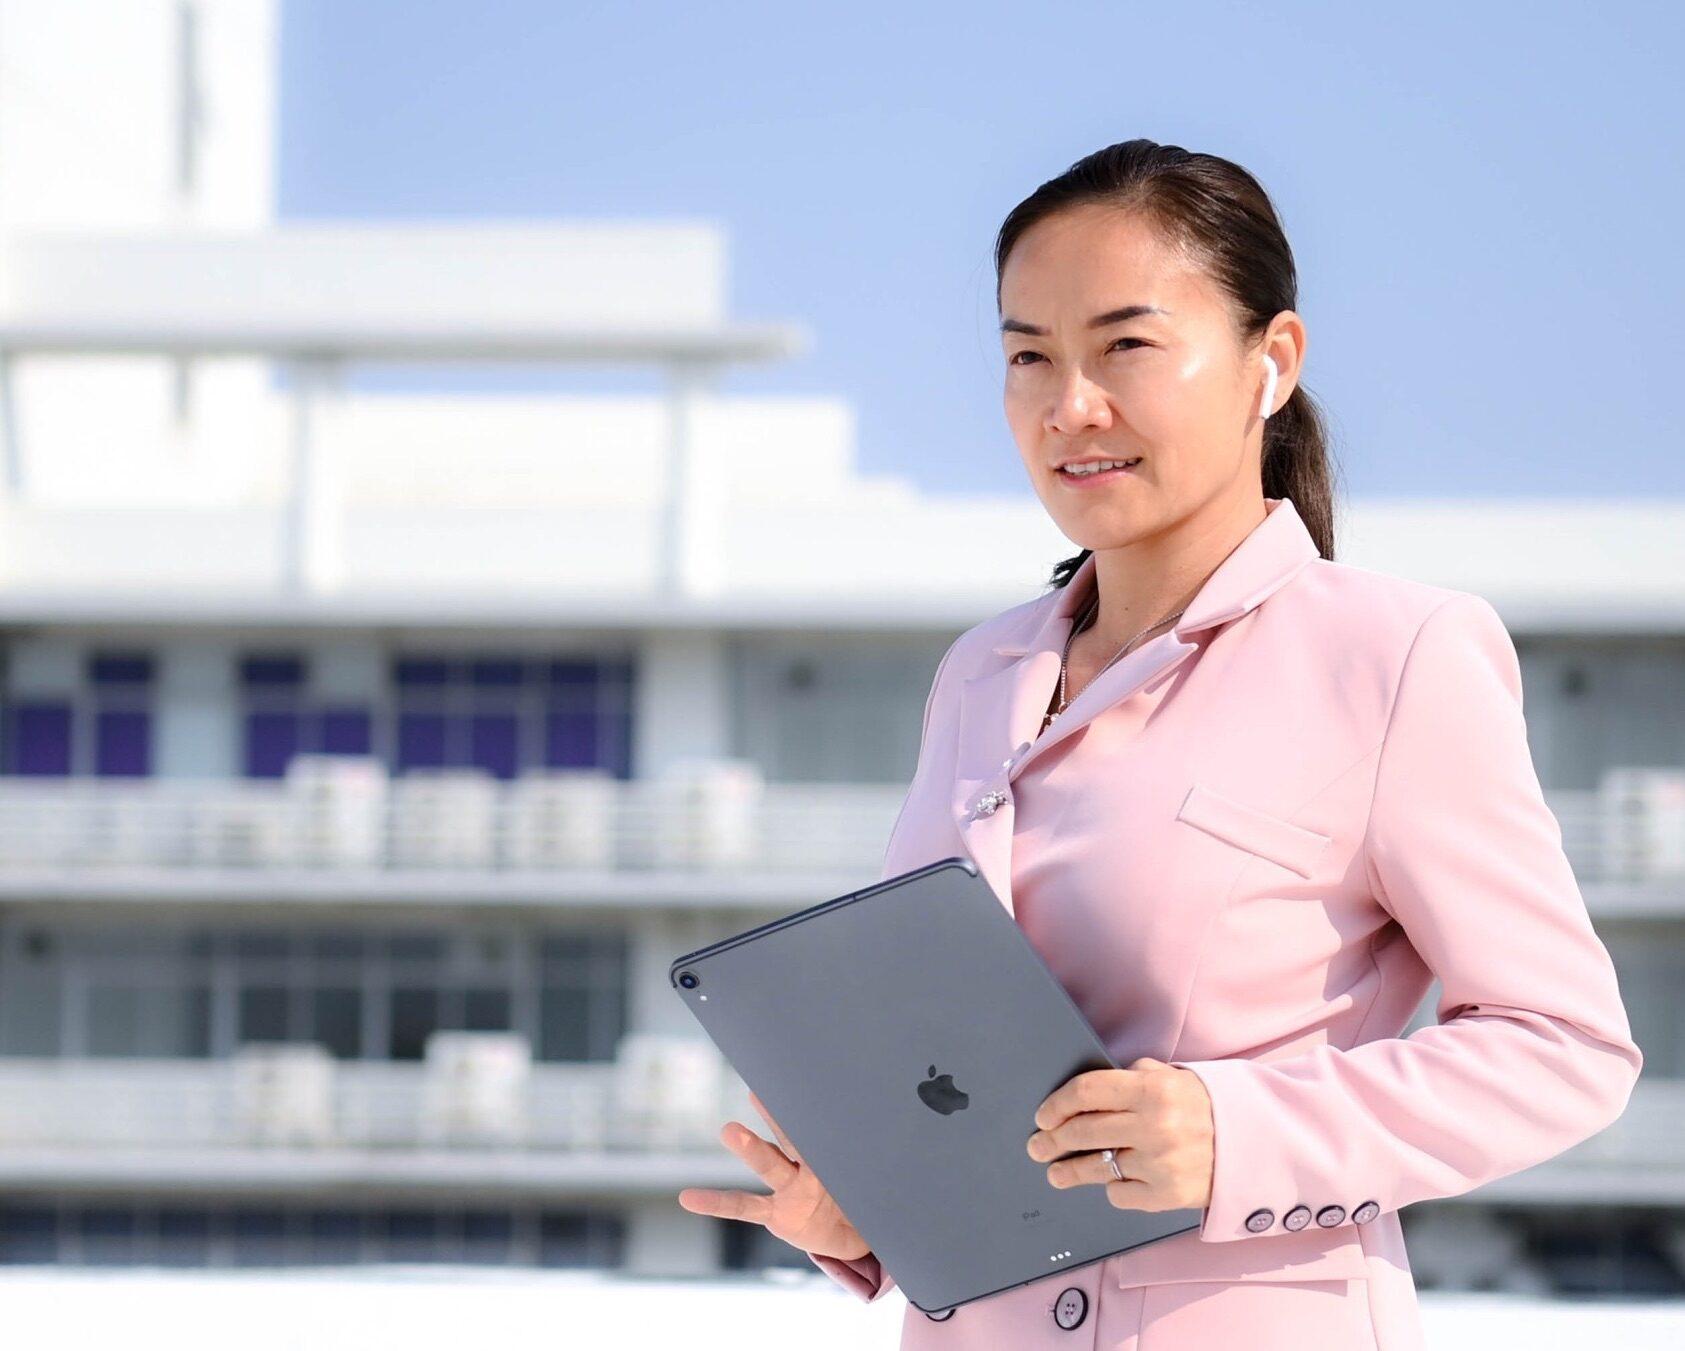 จุรินทร์ นำ เปิดตลาดบน แพลตฟอร์มบุก ยุโรป อเมริกานำร่อง สินค้าแบรนด์ไทย 38 รายร่วมค้าออนไลน์